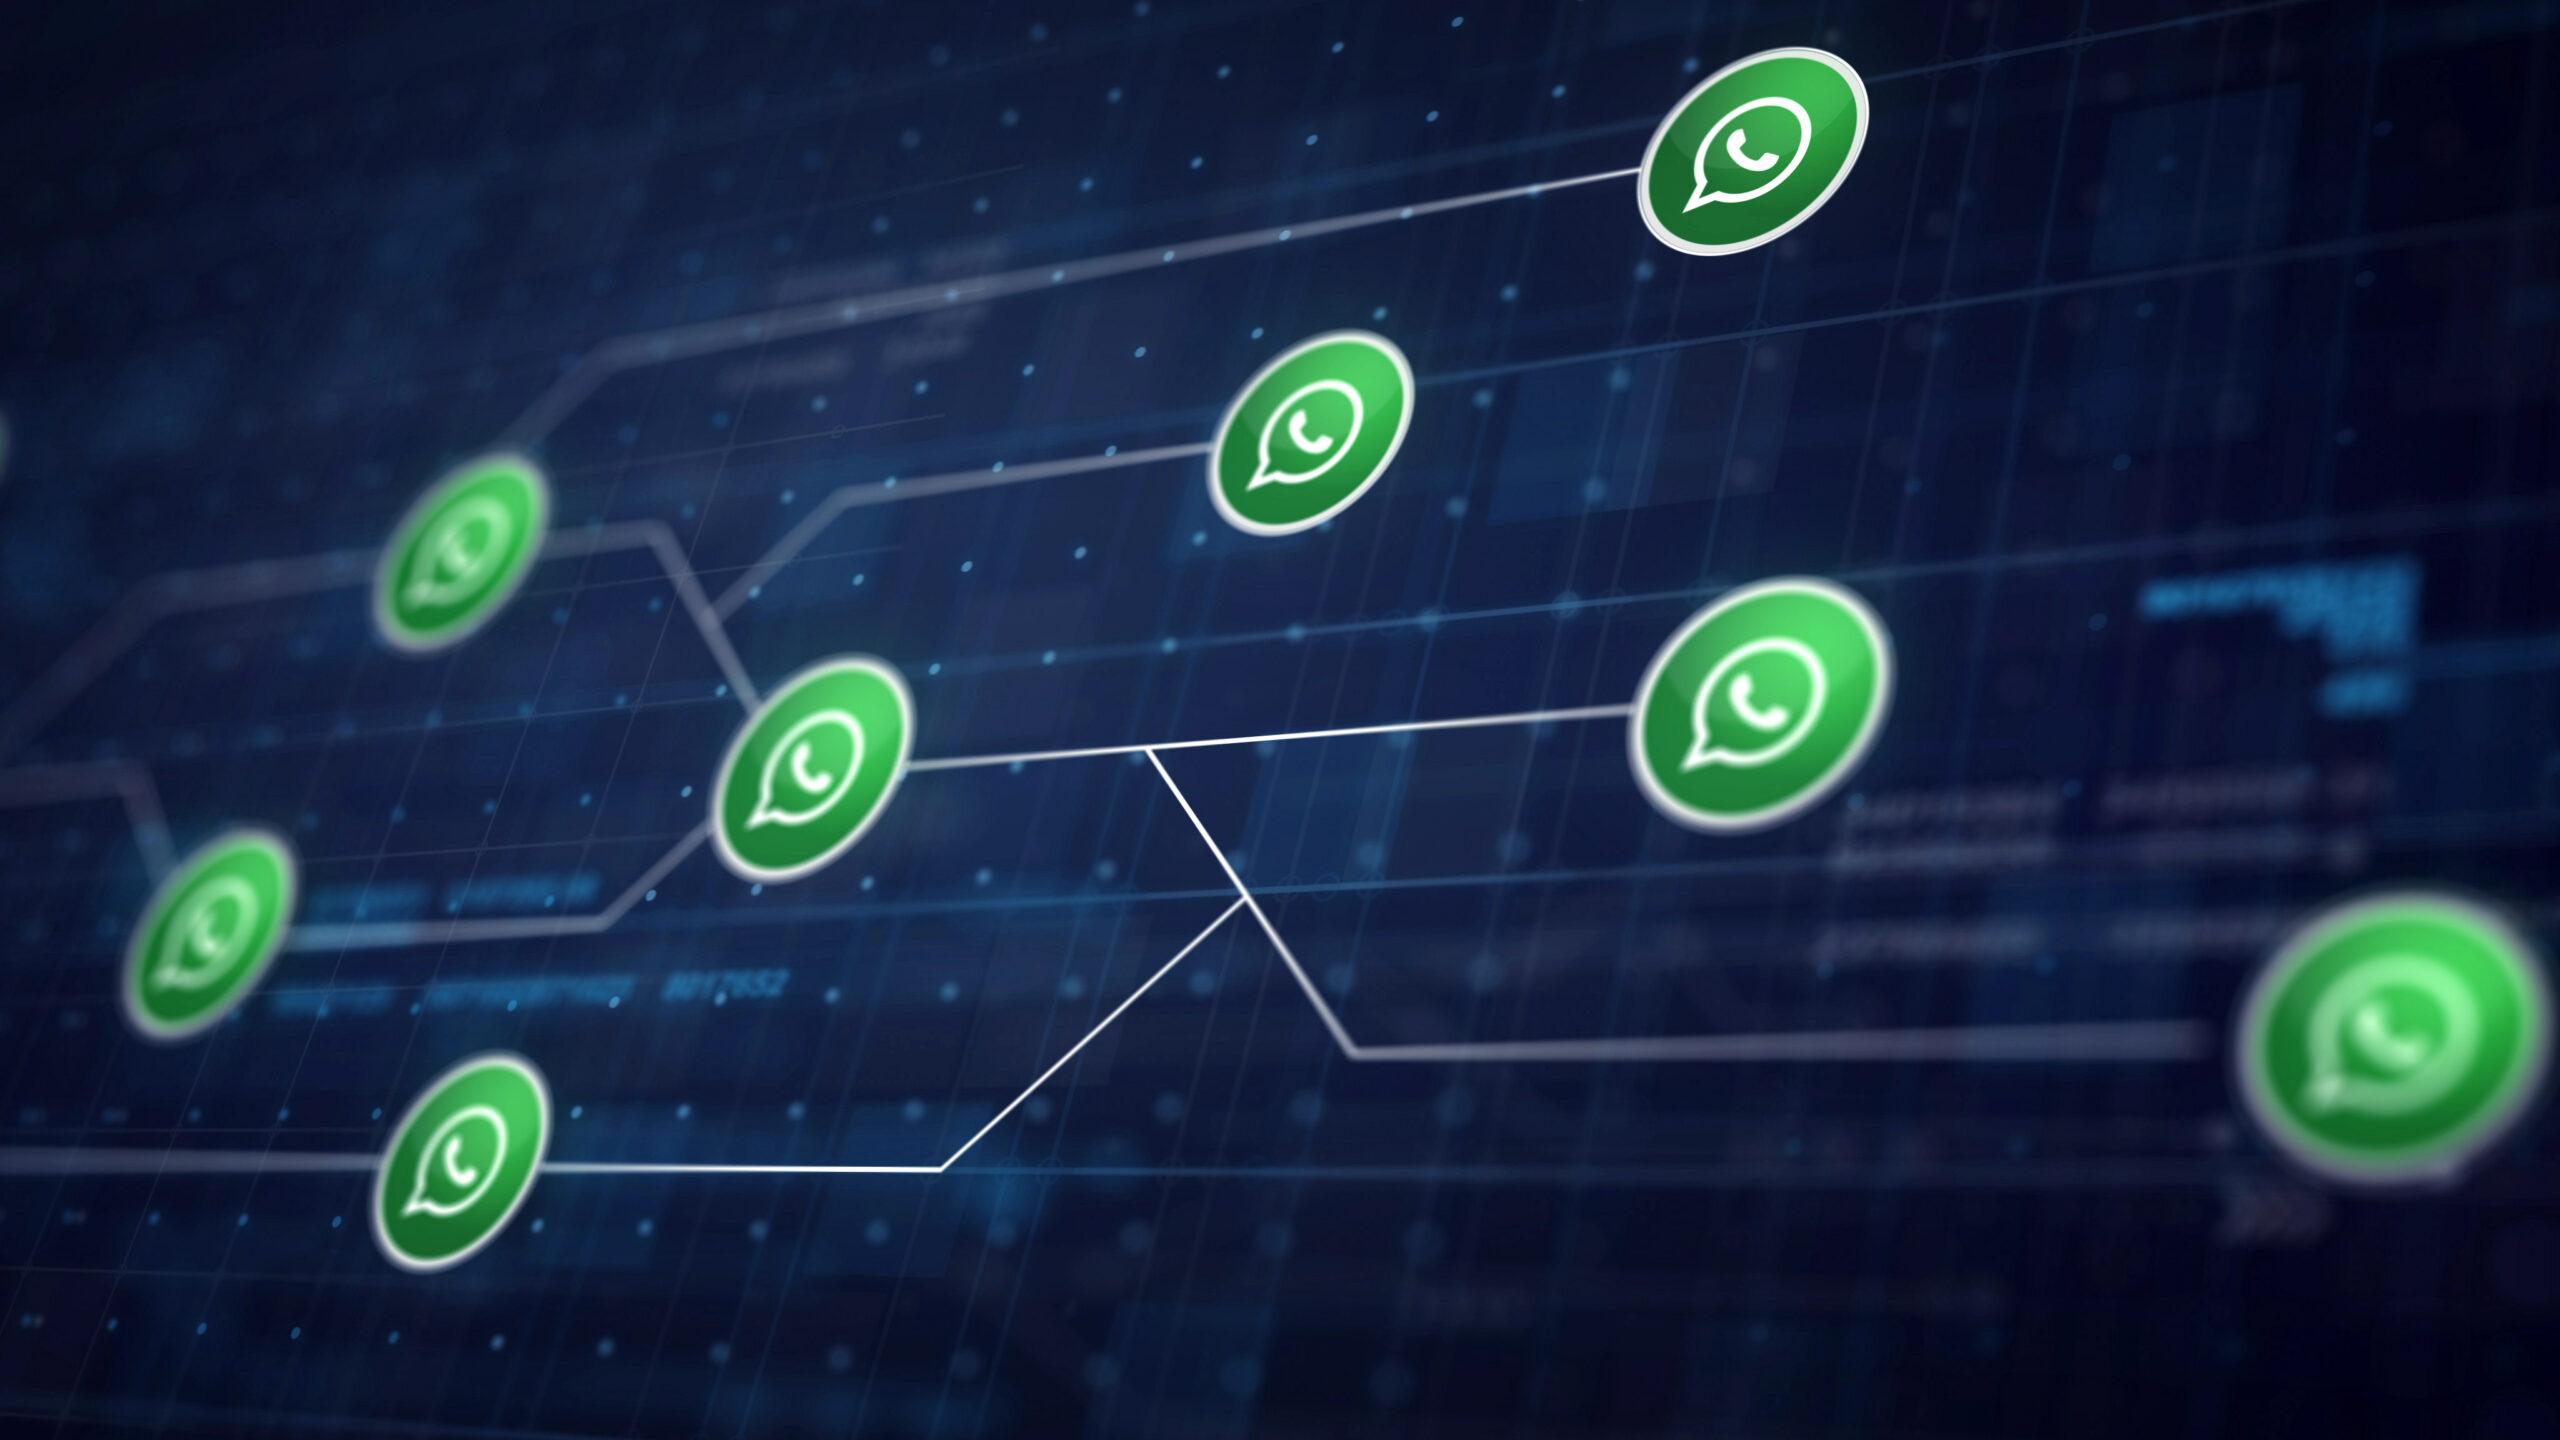 WhatsApp informa sobre la seguridad de servicios a través de sus estados